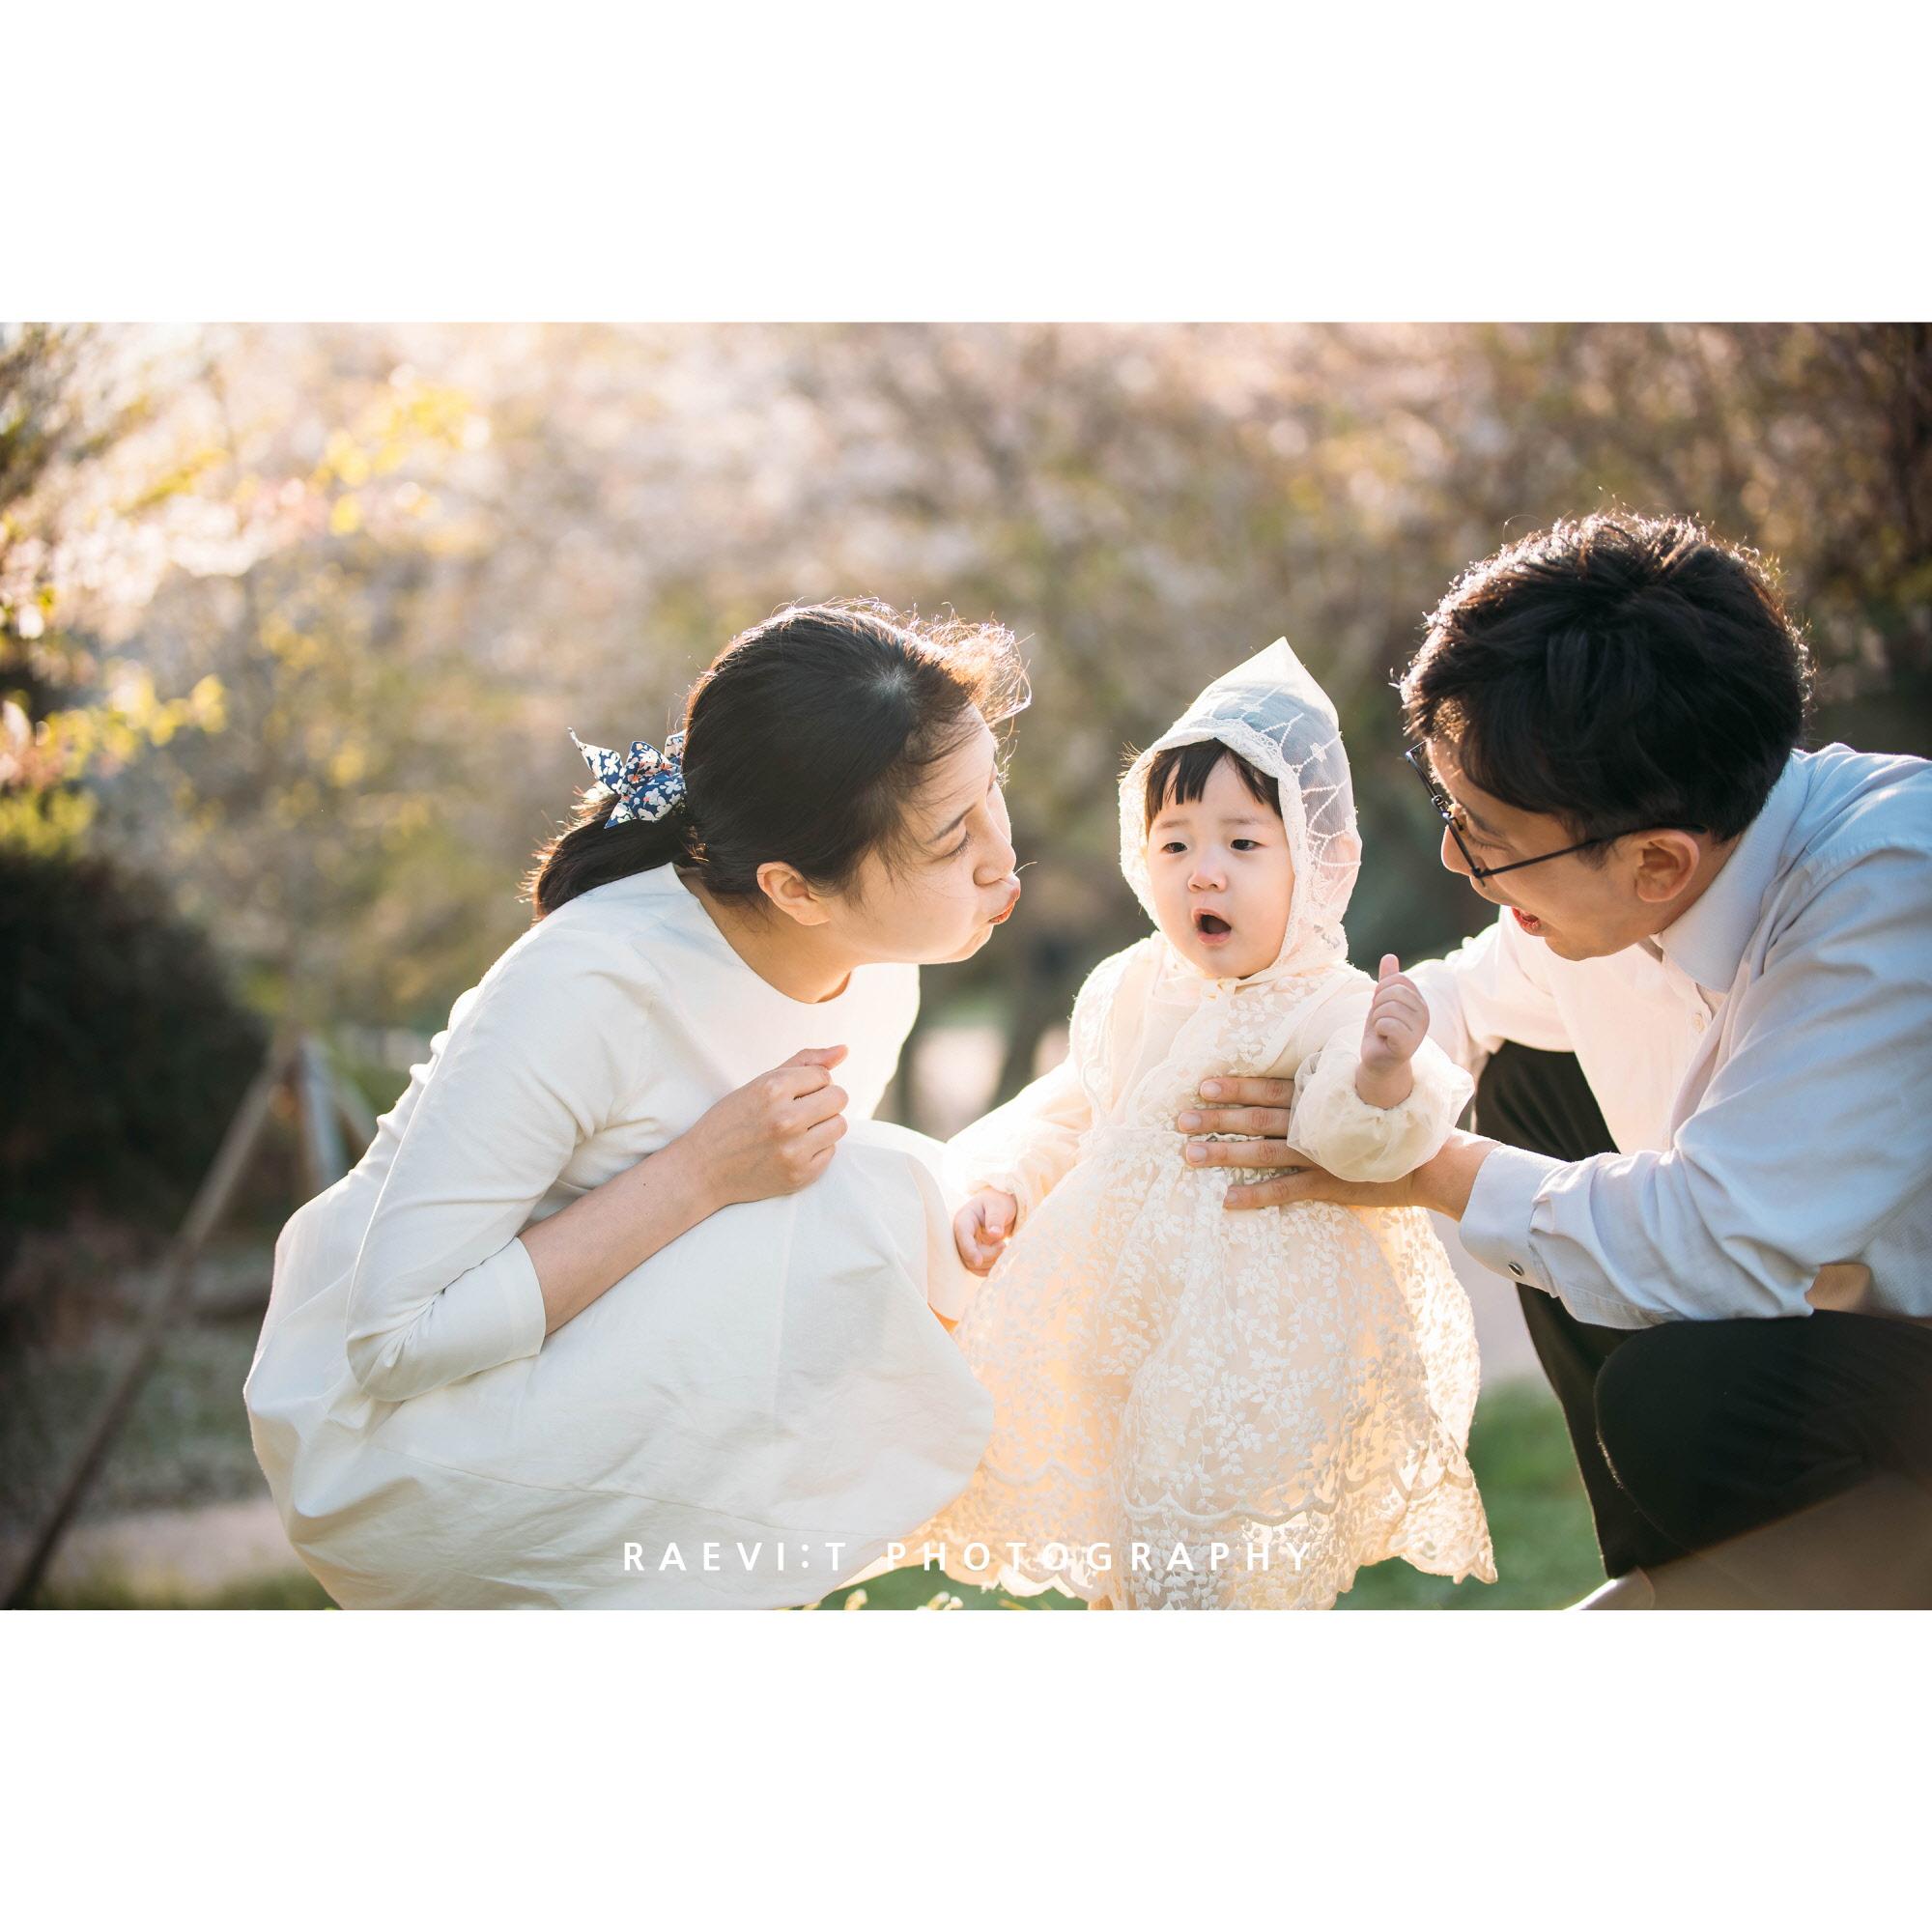 김해야외촬영_래빛스냅_012.jpg